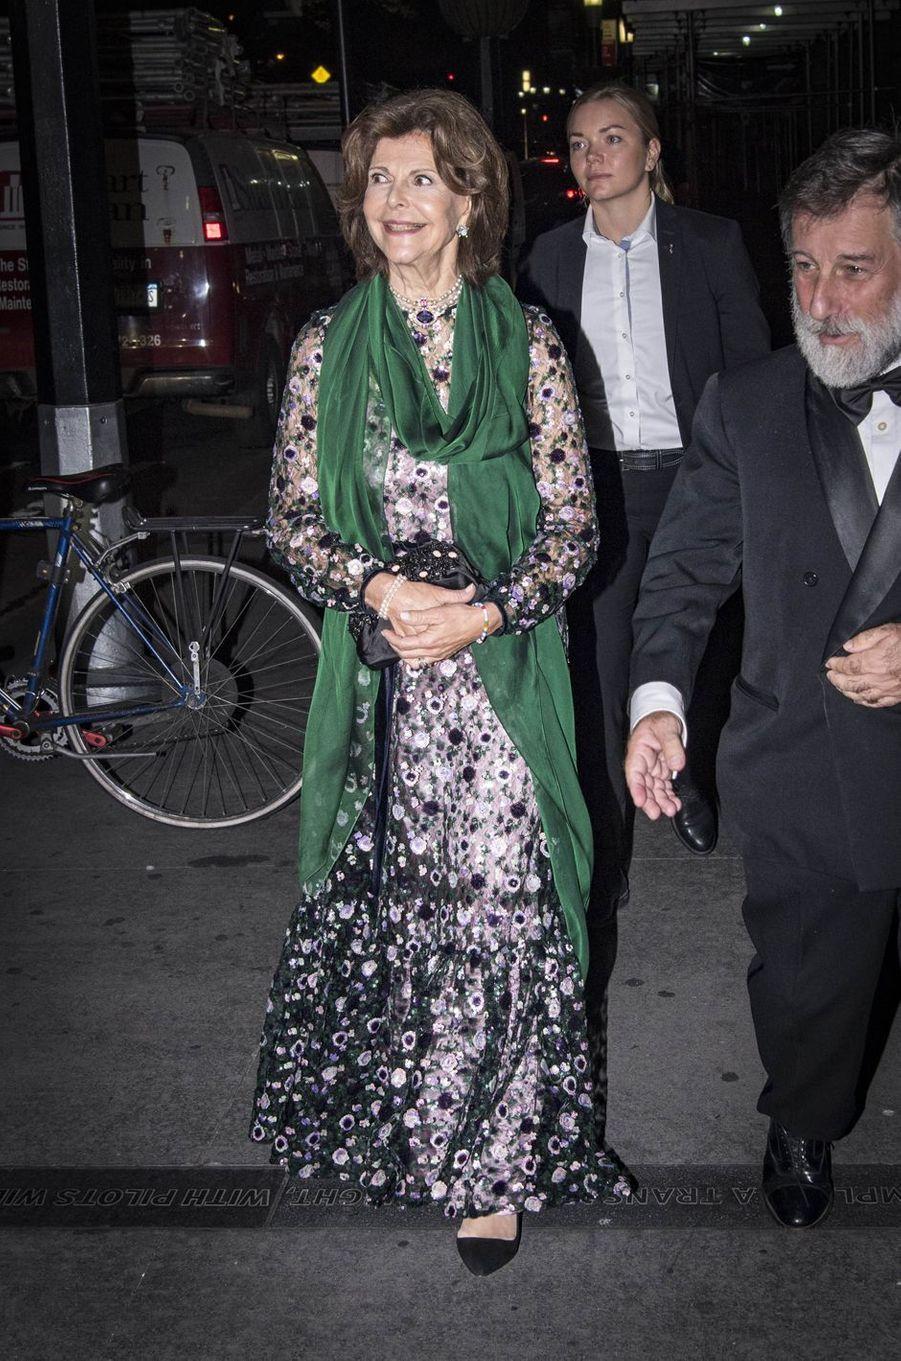 Silvia Et Madeleine De Suède À New York Le 2 Octobre 2017 13